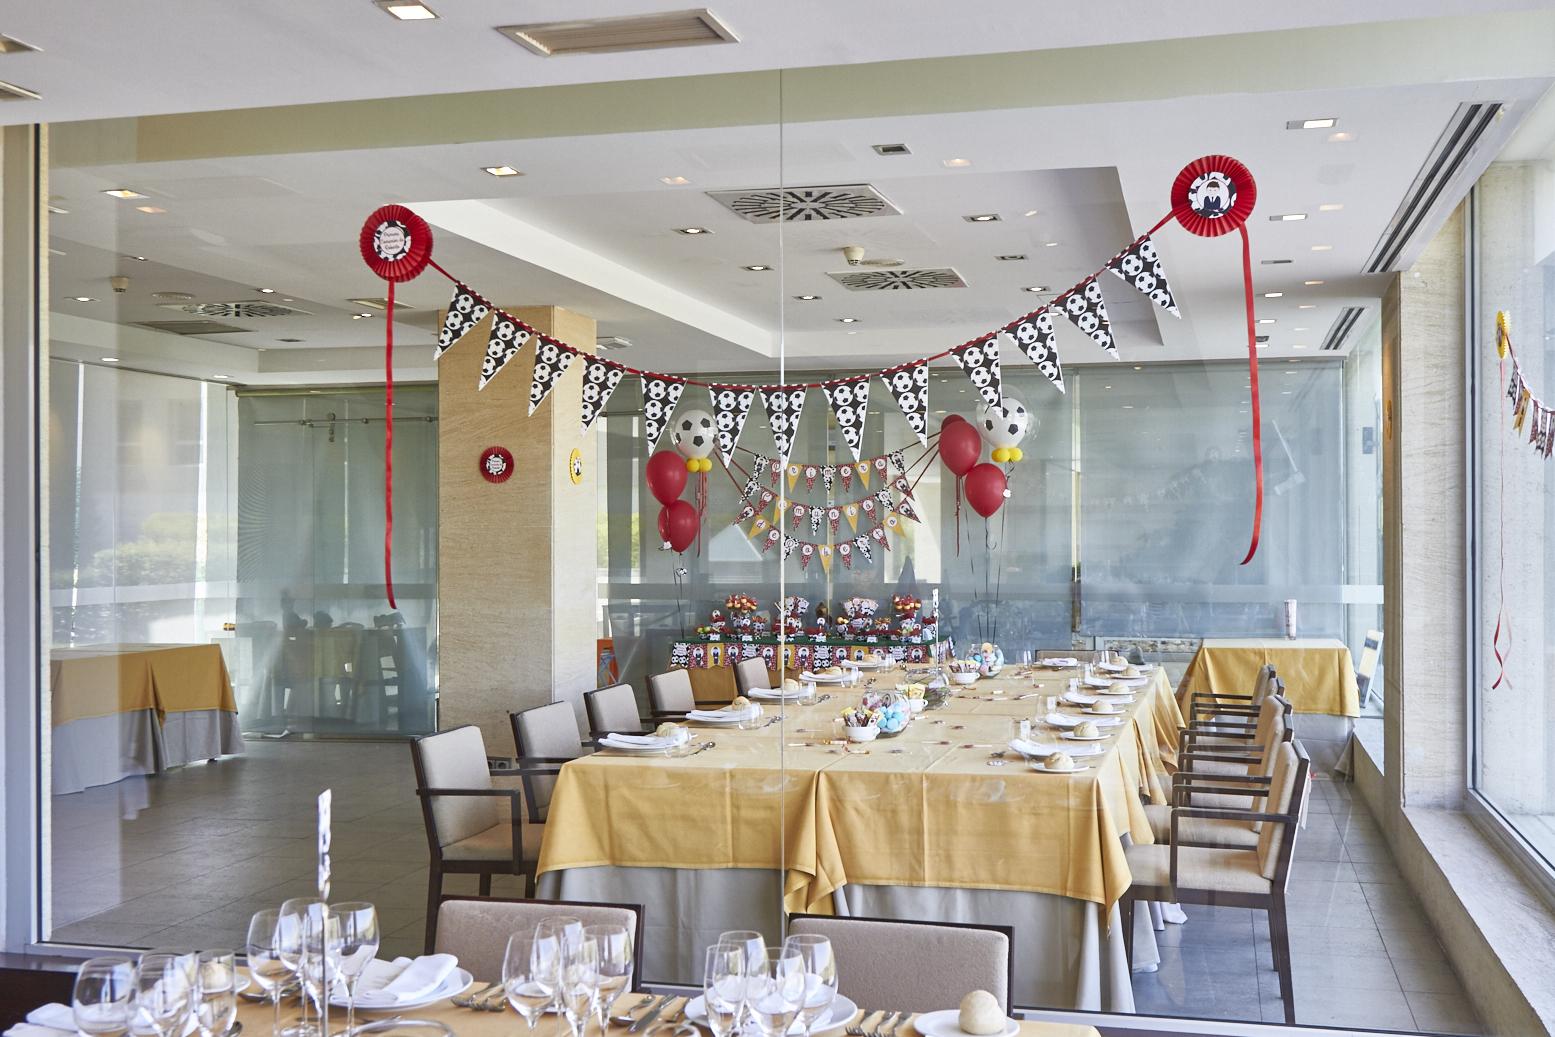 decoracion_comunion_futbol_12